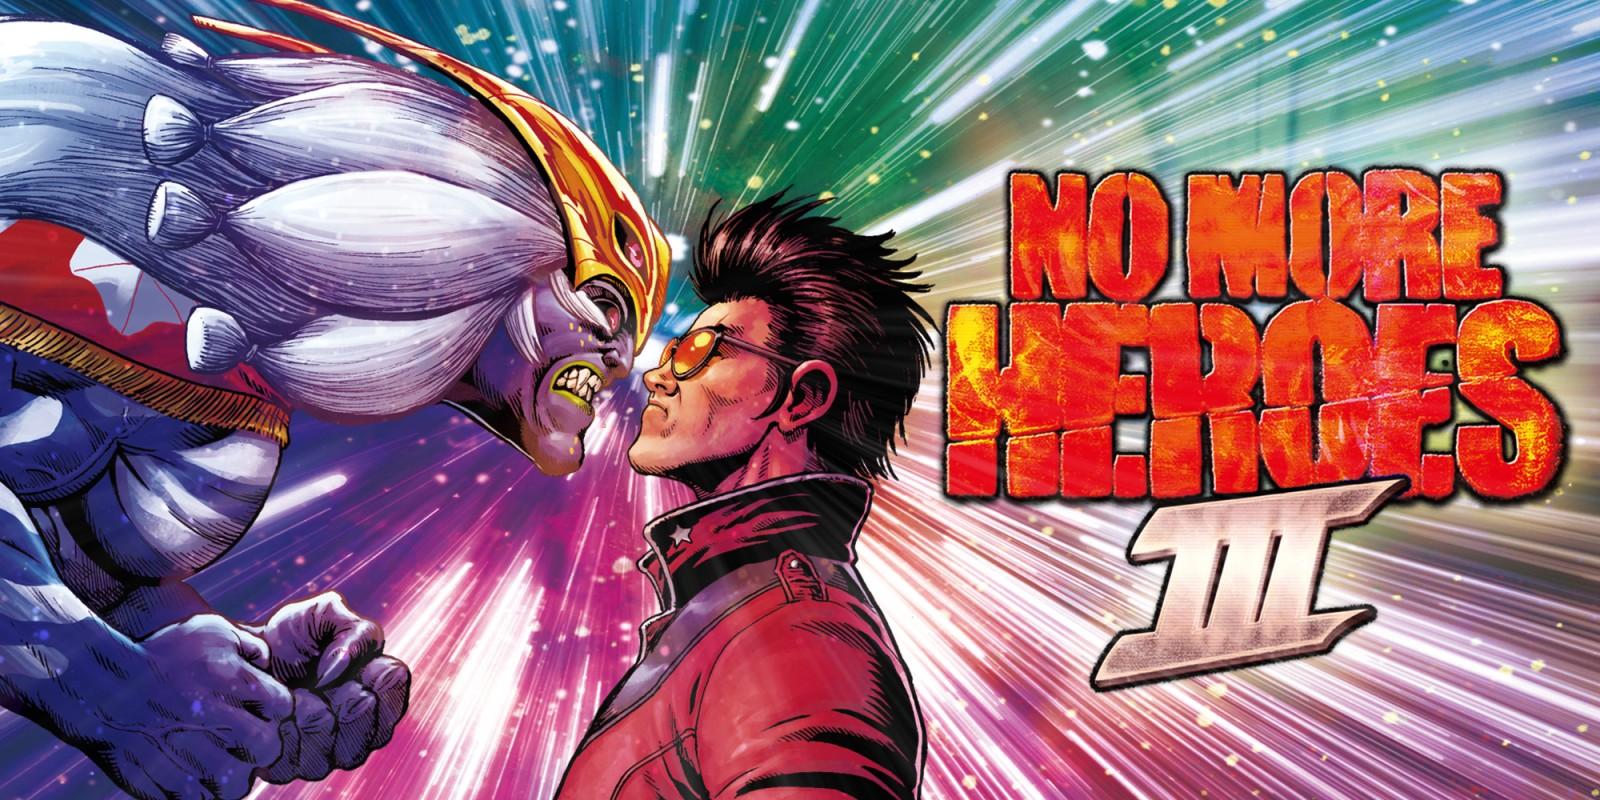 Recenze No More Heroes III - intergalaktická šarvátka NMH3